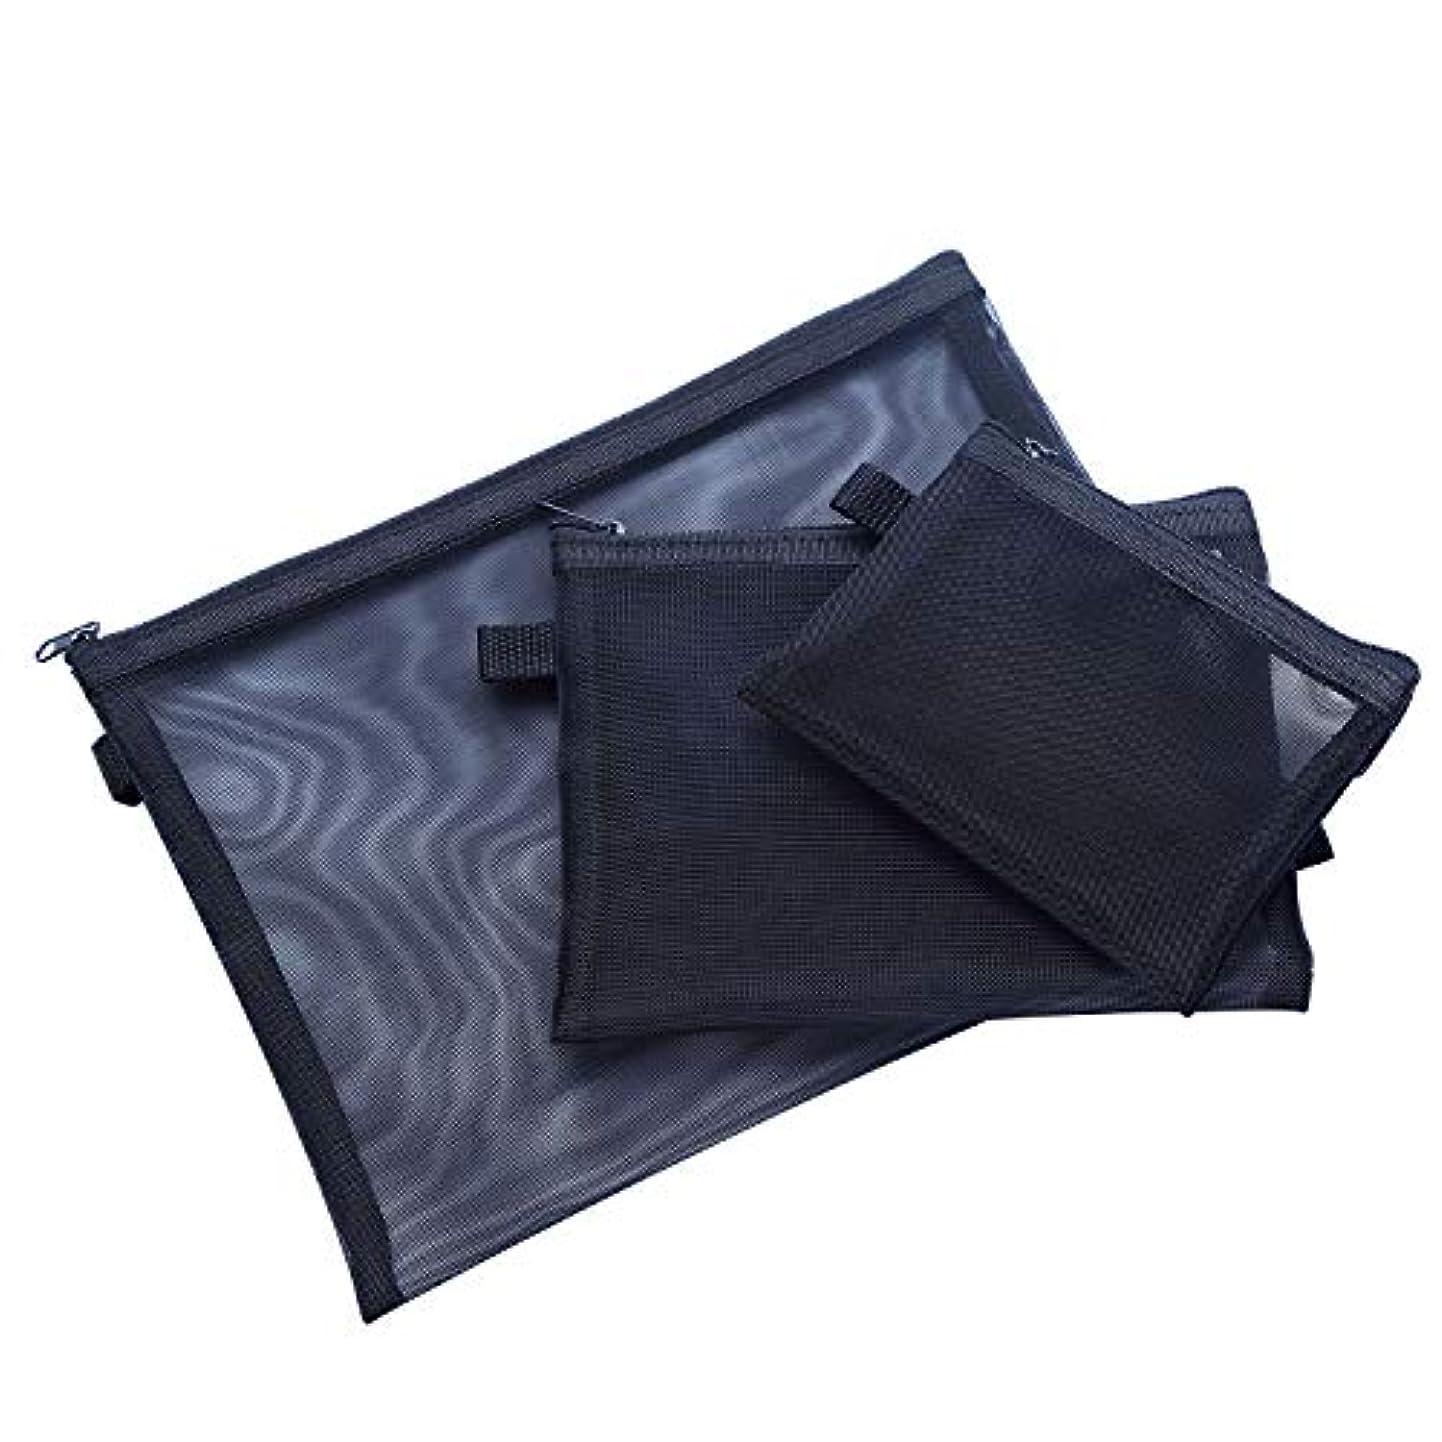 シュート公爵夫人重要性HOYOFO メッシュケース 化粧ポーチ 収納 小物入れ 多機能 3点セット 黒